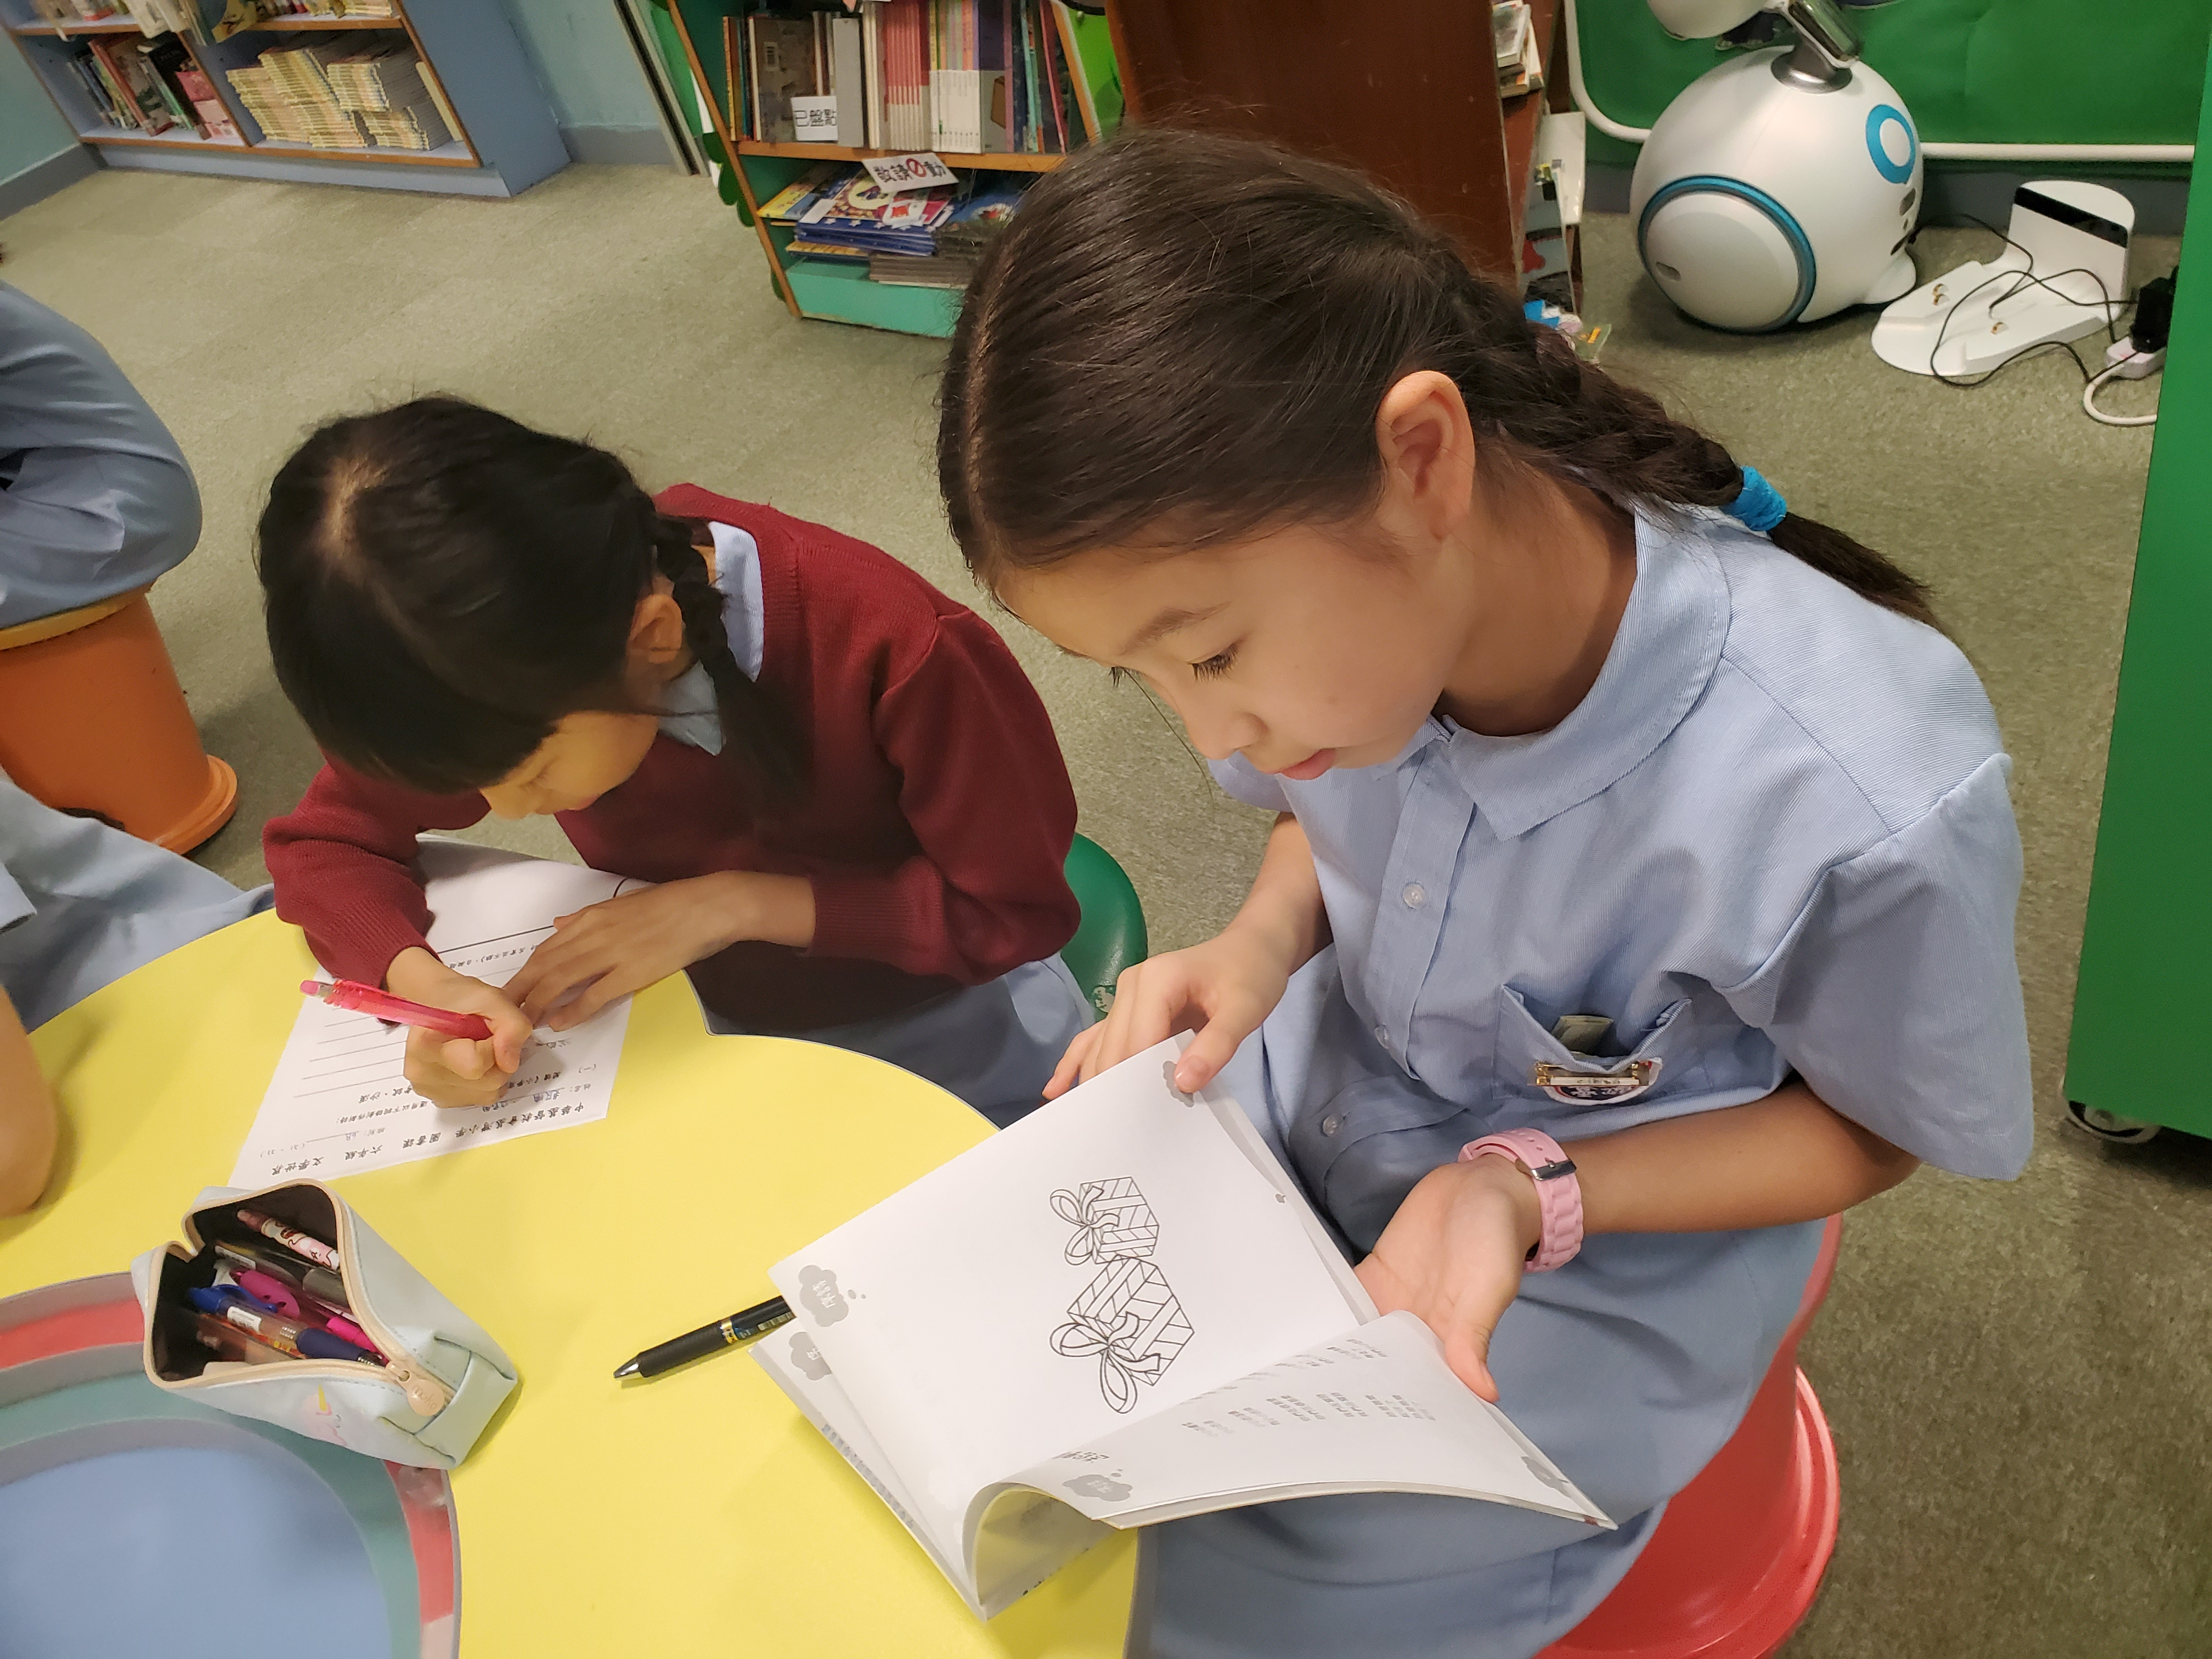 http://www.keiwan.edu.hk/sites/default/files/20191106_143230.jpg